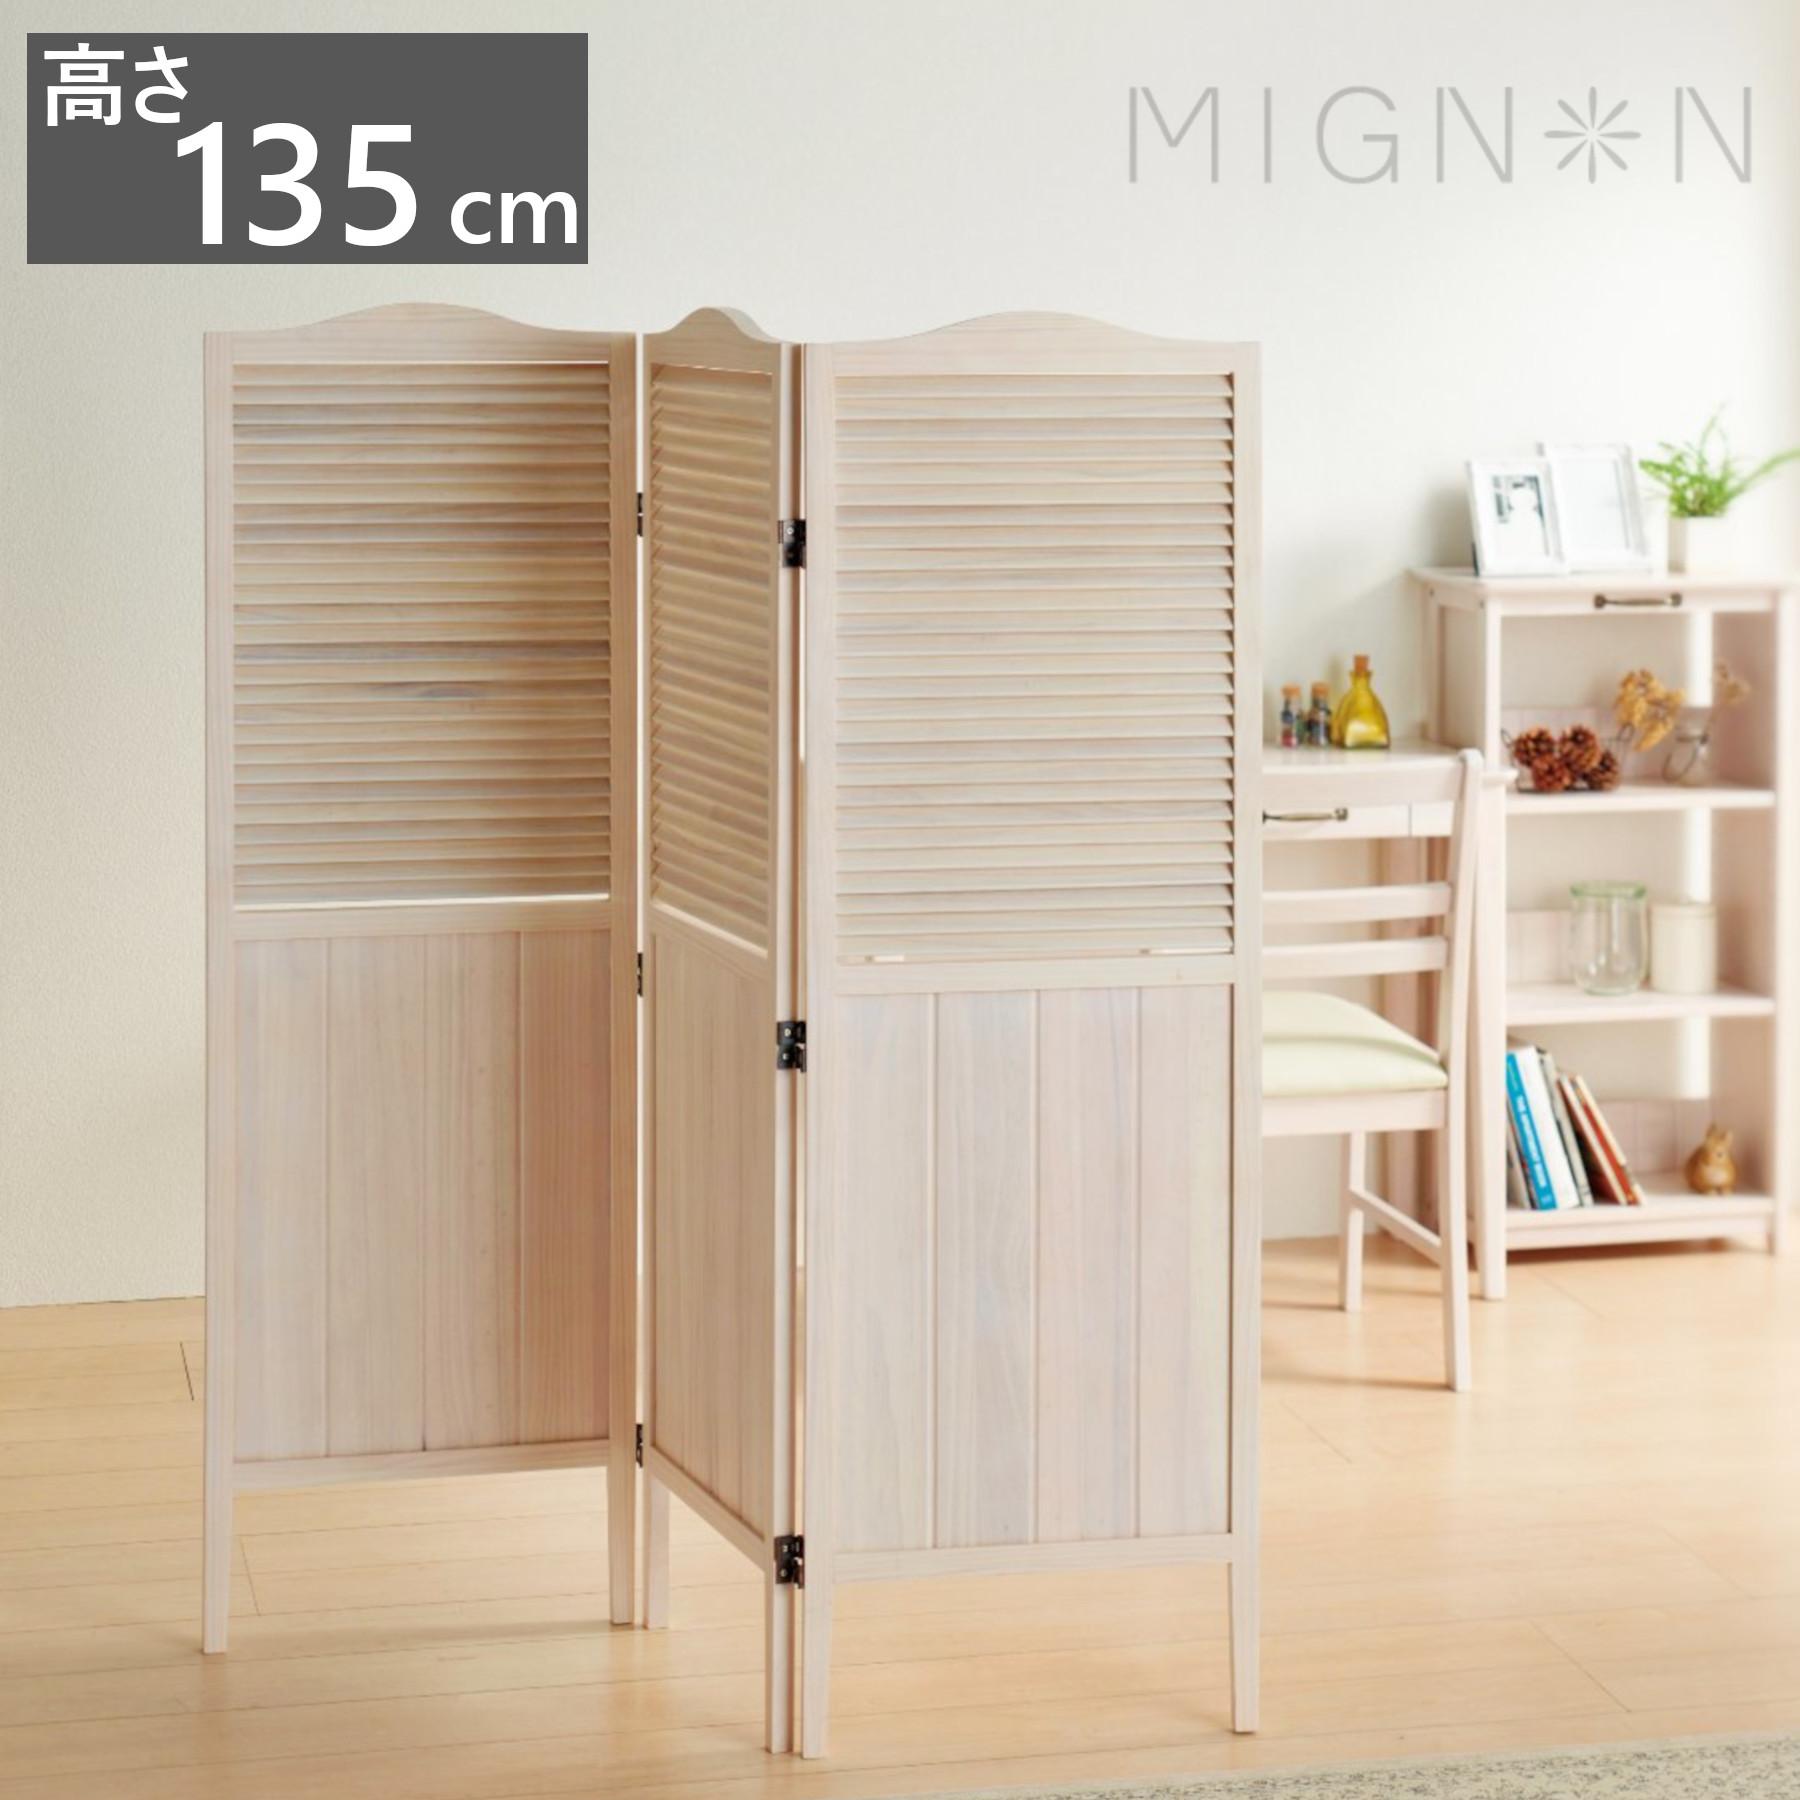 送料無料 法人限定 パーティション 新品 メーカー直送 ホワイト アウトレット カントリー アンティーク調 家具 かわいい 高さ135cm MIGNON-PA135 木製 いつでも送料無料 間仕切り MIGNON